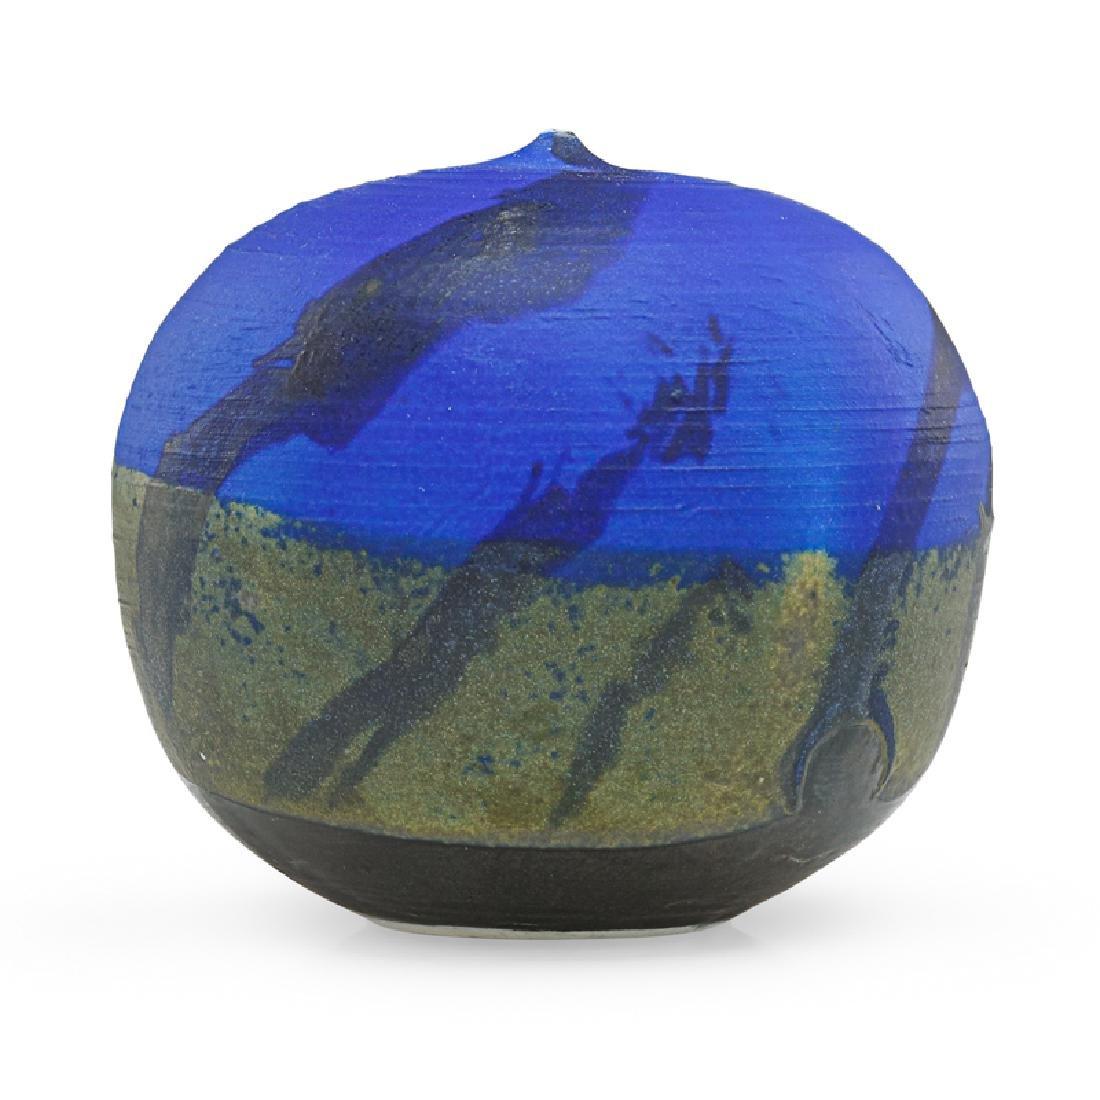 TOSHIKO TAKAEZU Cobalt Moonpot